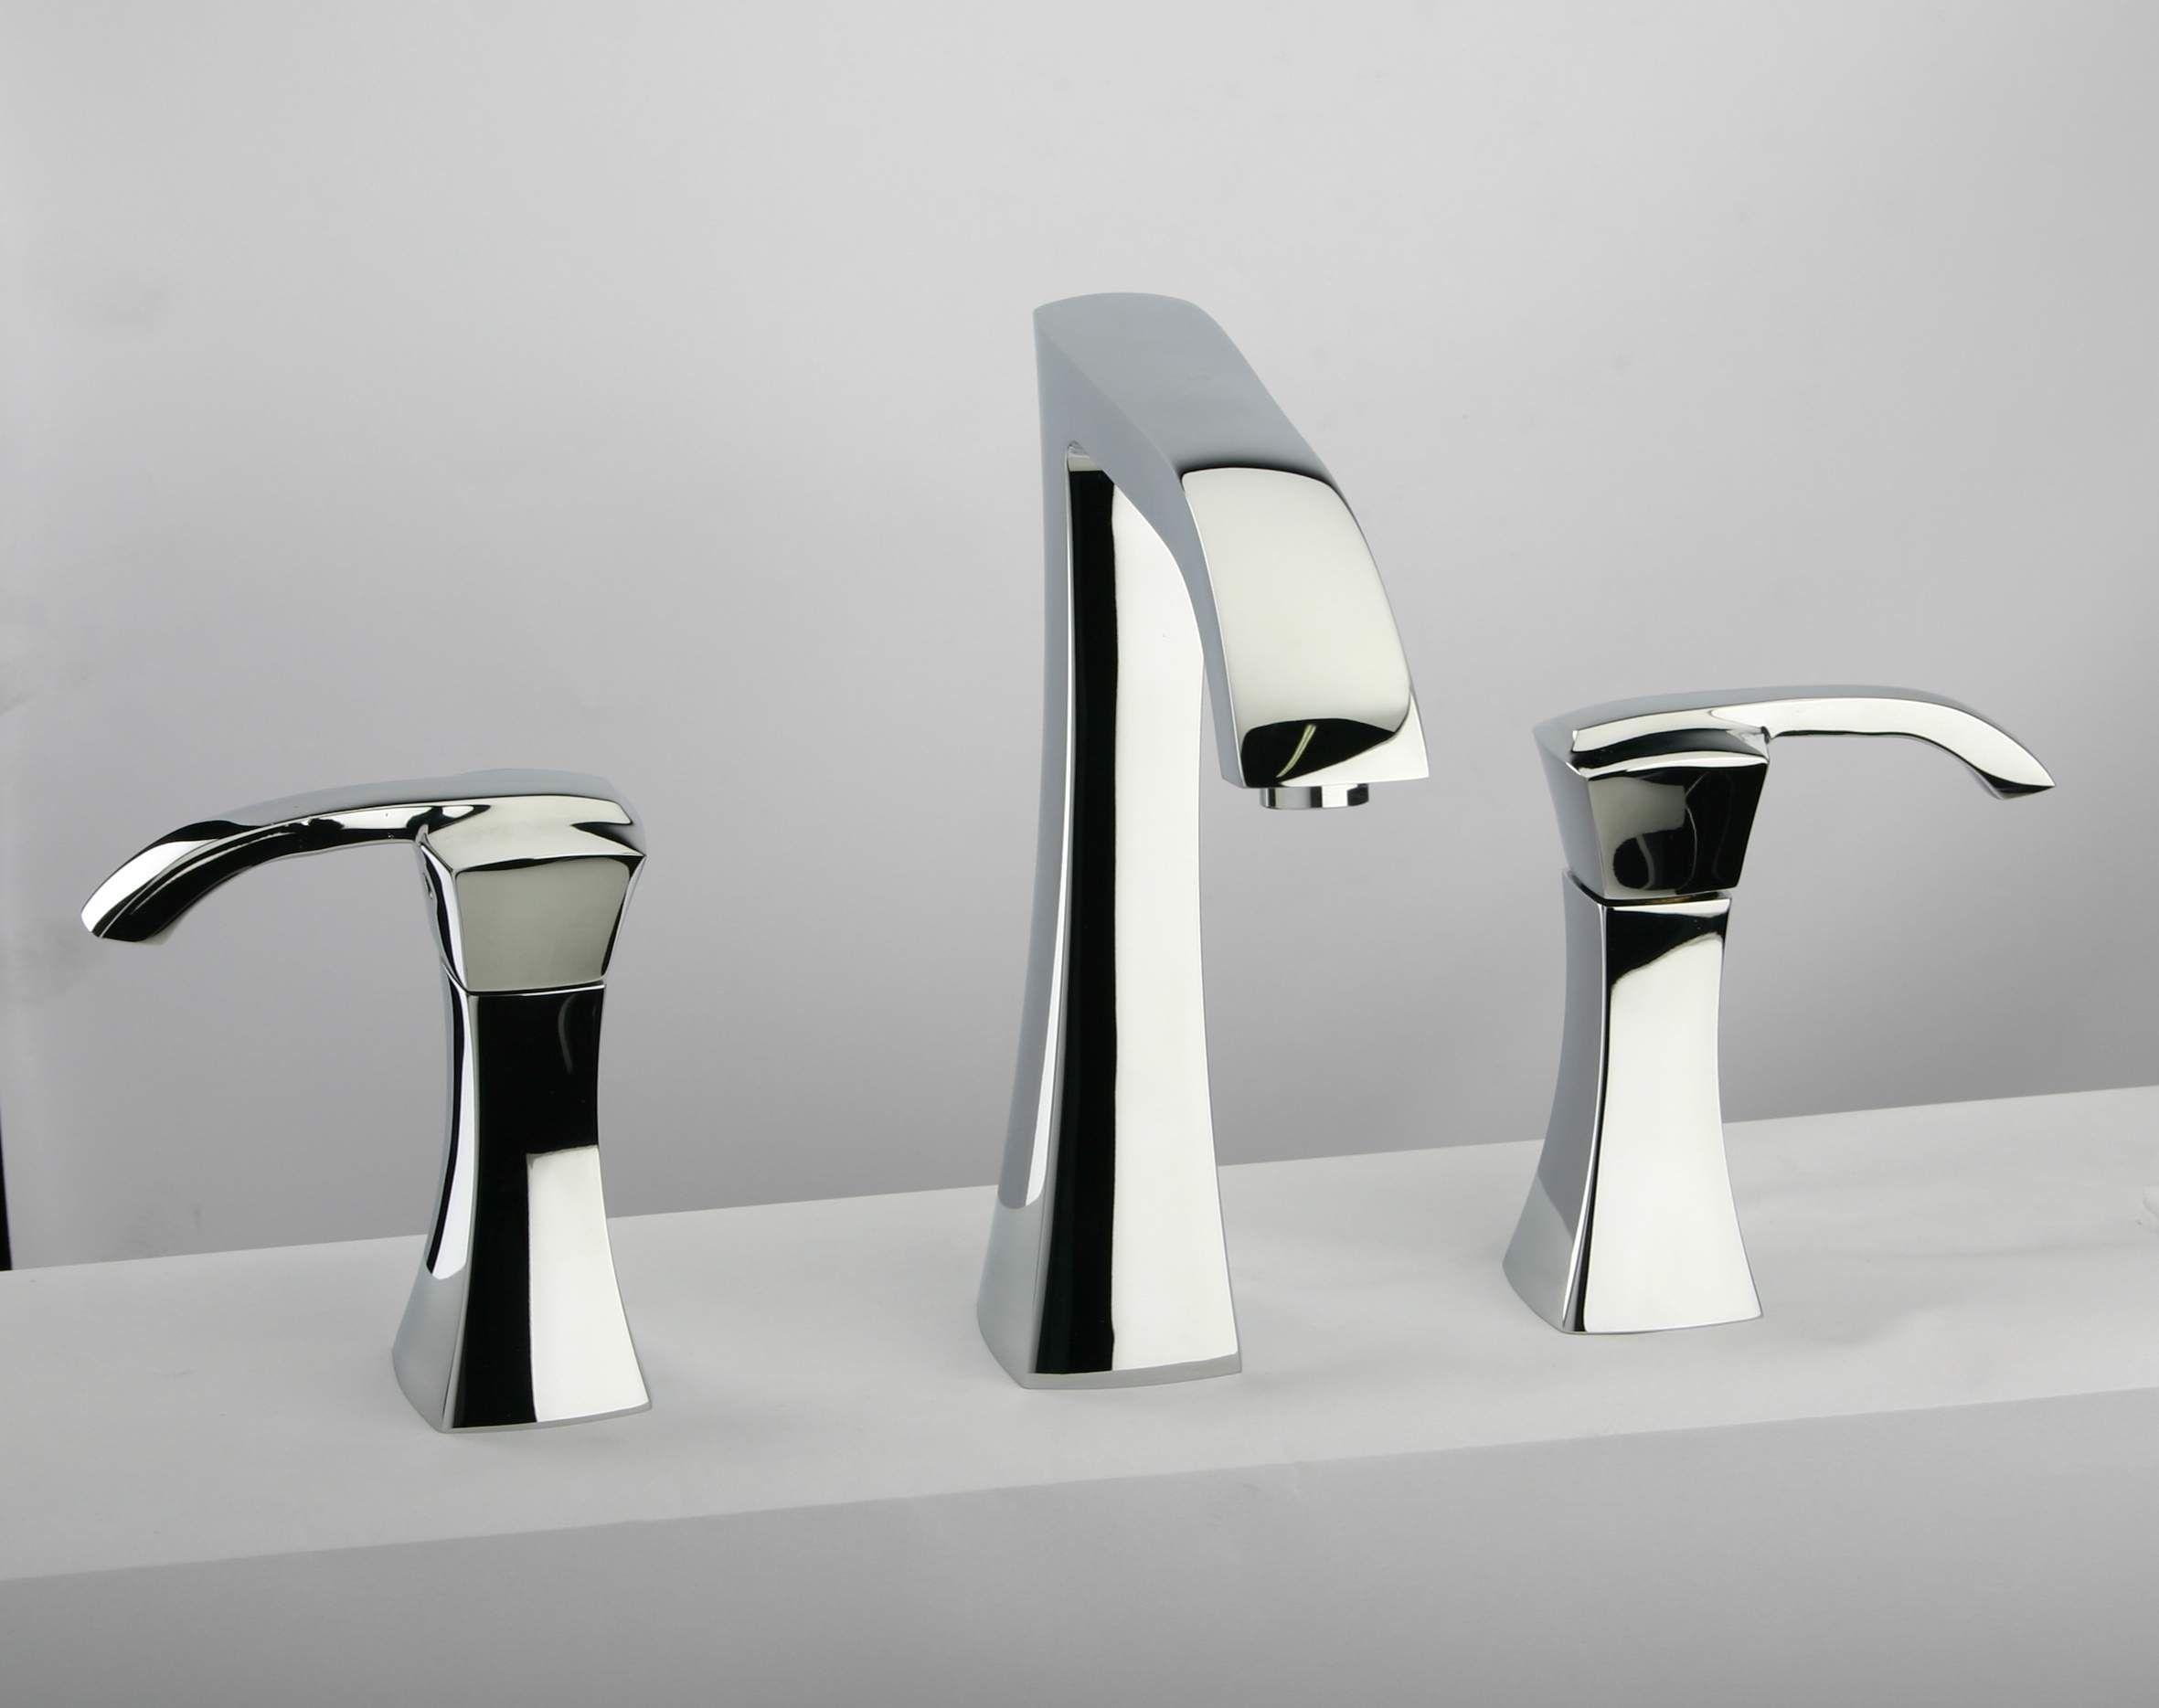 Bathroom Faucets hansgrohe bathroom faucet. hansgrohe bathroom faucets image2